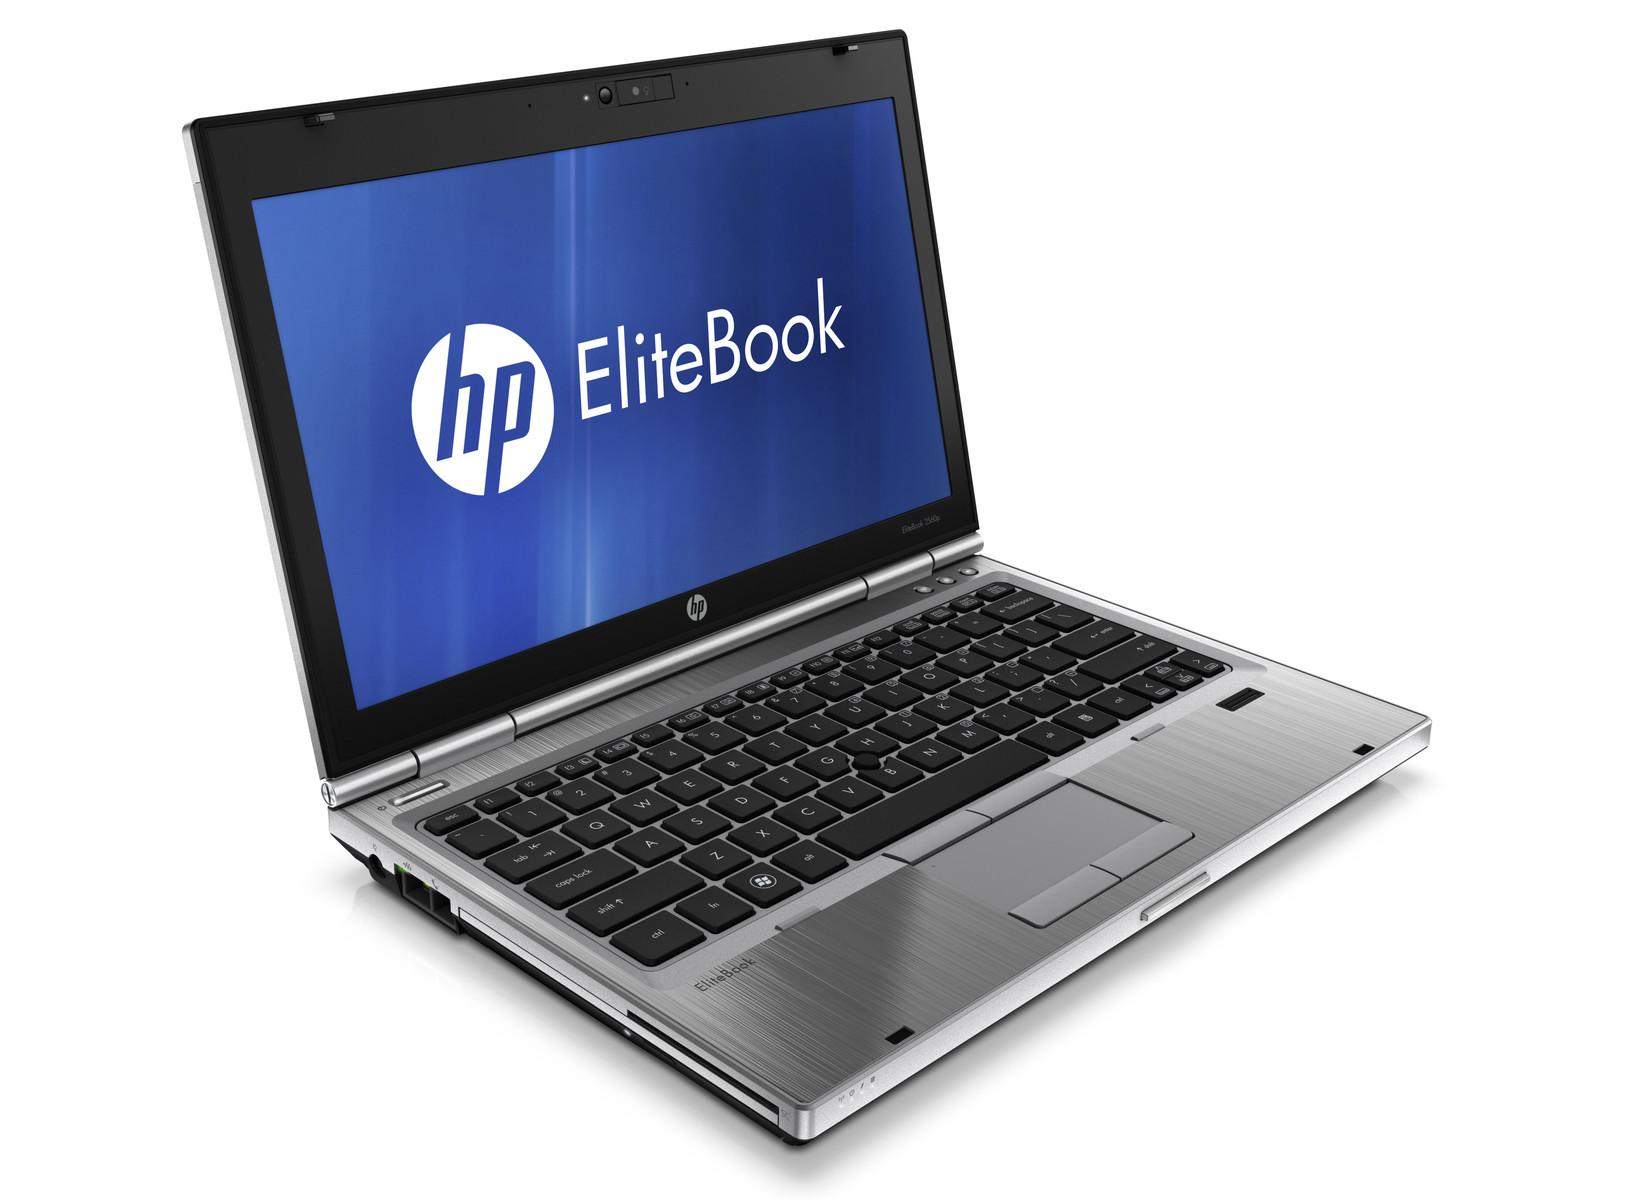 HP EliteBook 2560p